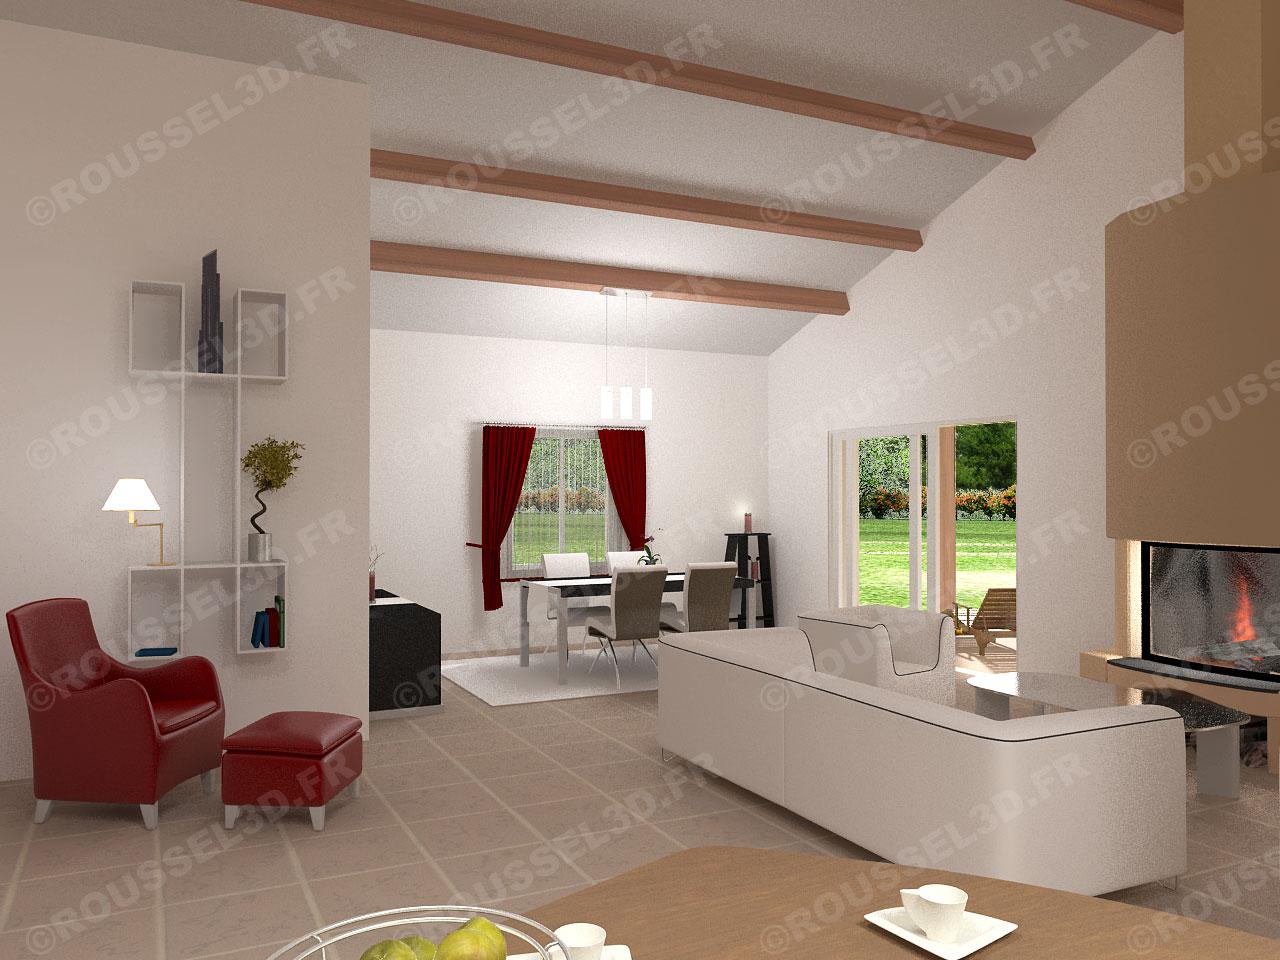 Interieur maison en 3d maison moderne for Interieur 3d